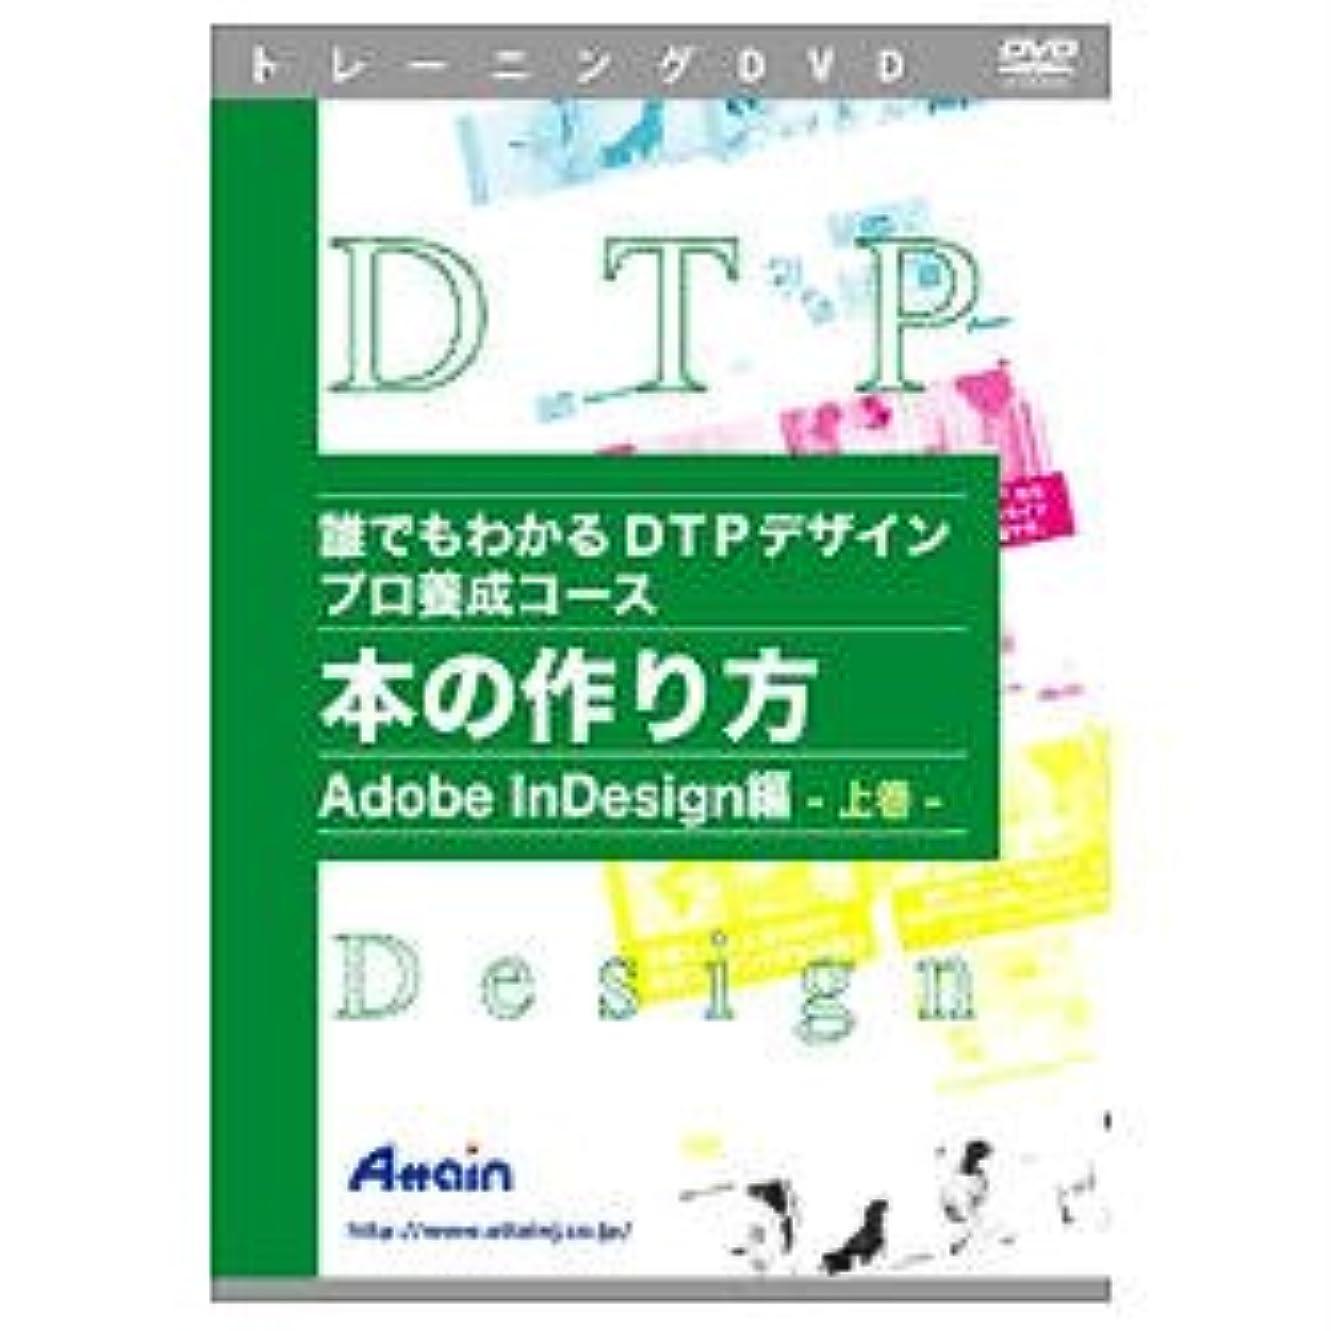 高音悲惨弁護人DTPデザインプロ養成 本の作り方 InDesign上